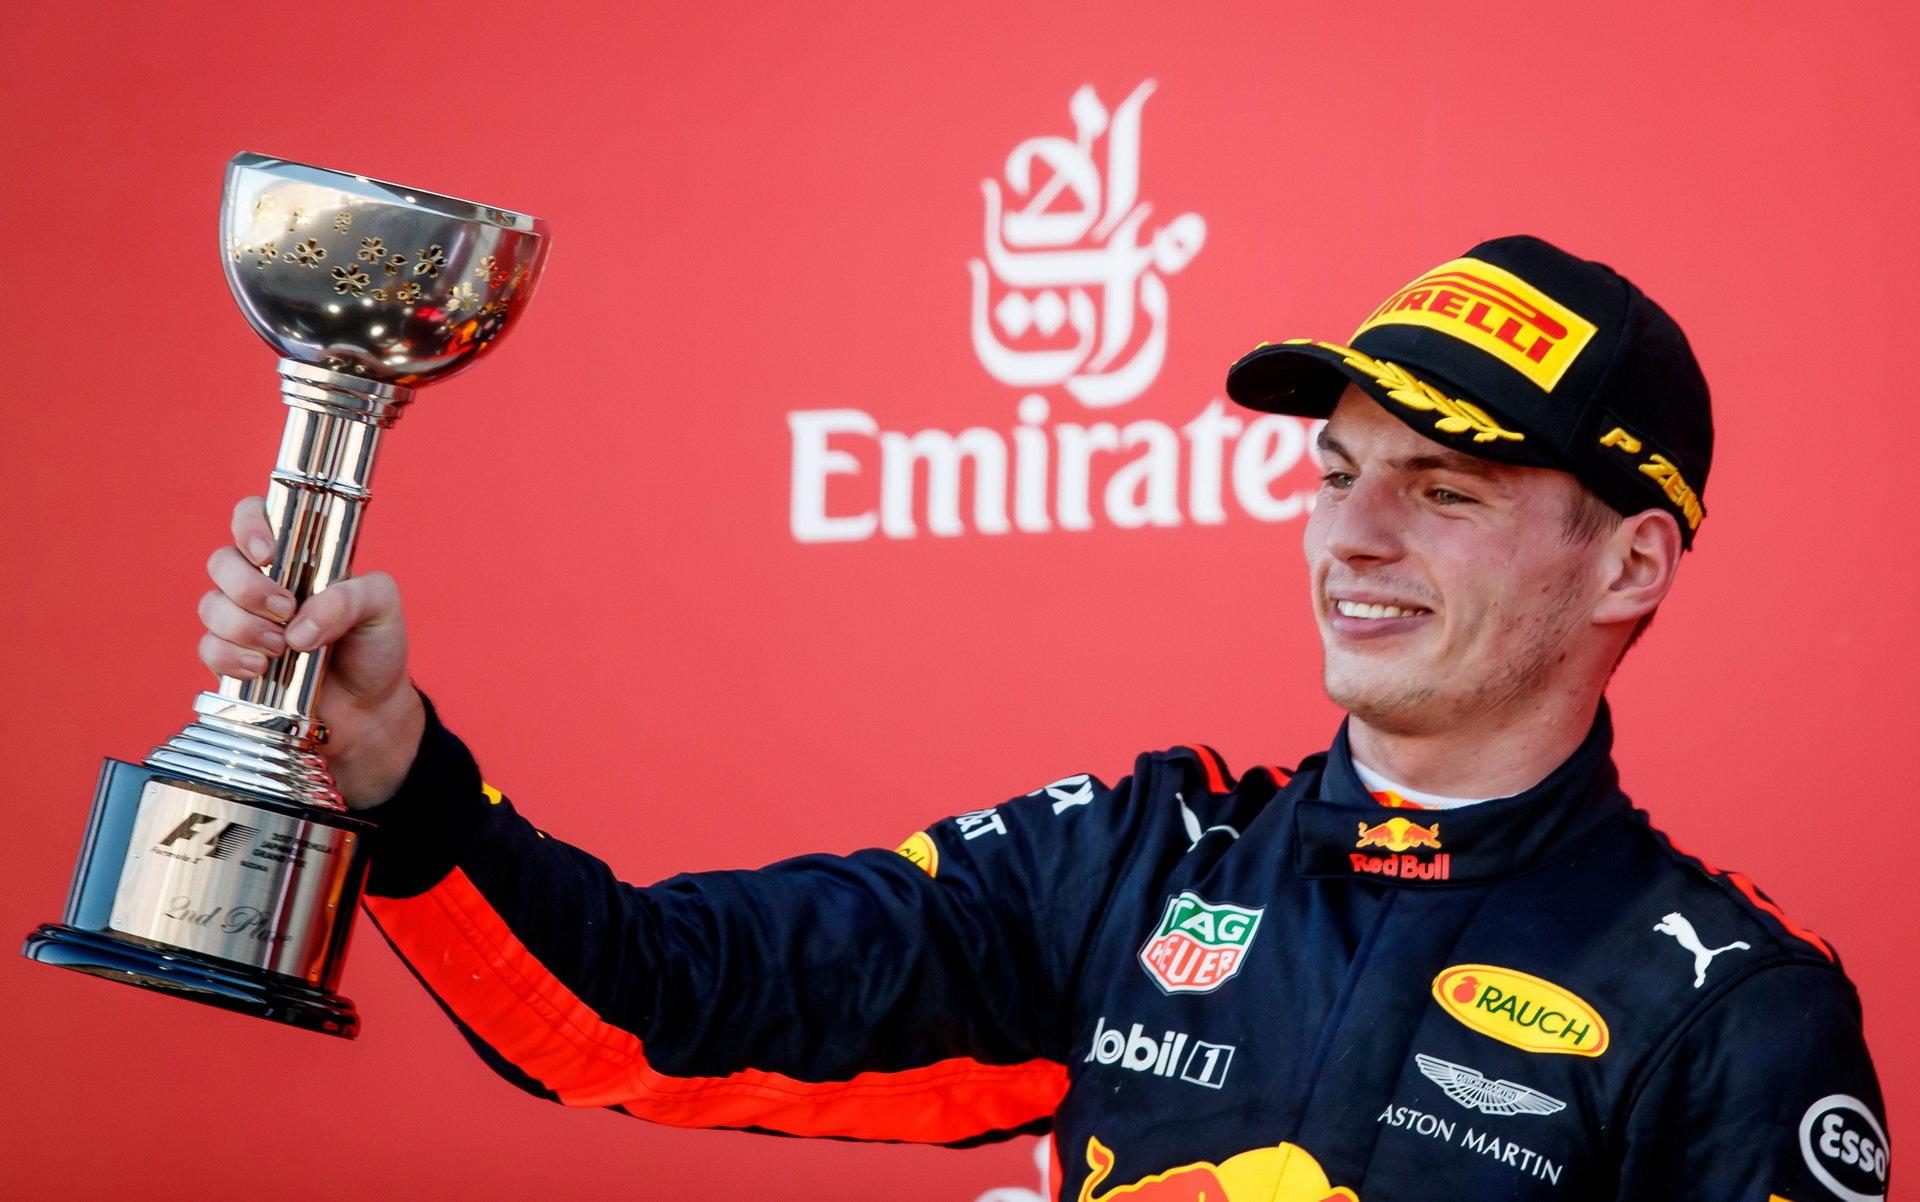 Max Verstappen se musel v Suzuce spokojit s druhým místem, dojel o 1,2 sekundy za Lewisem Hamiltonem